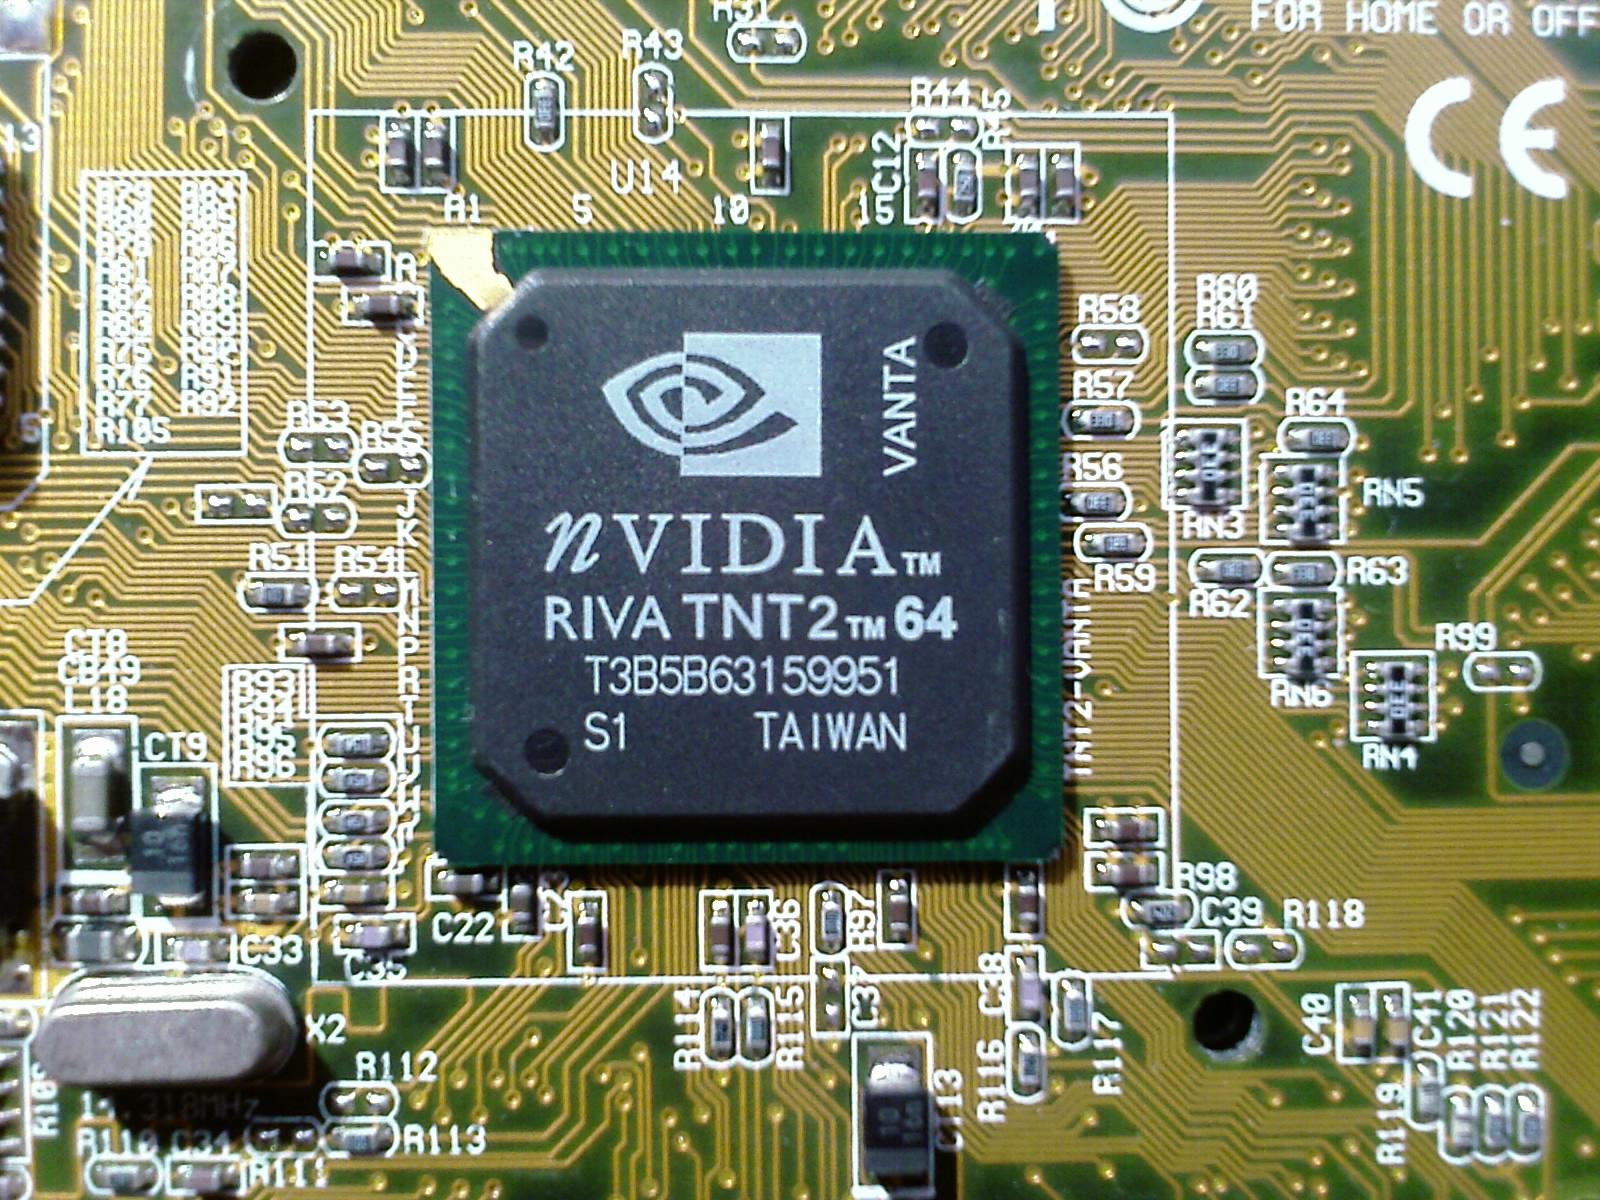 Nvidia riva tnt2 tm 64 driver.